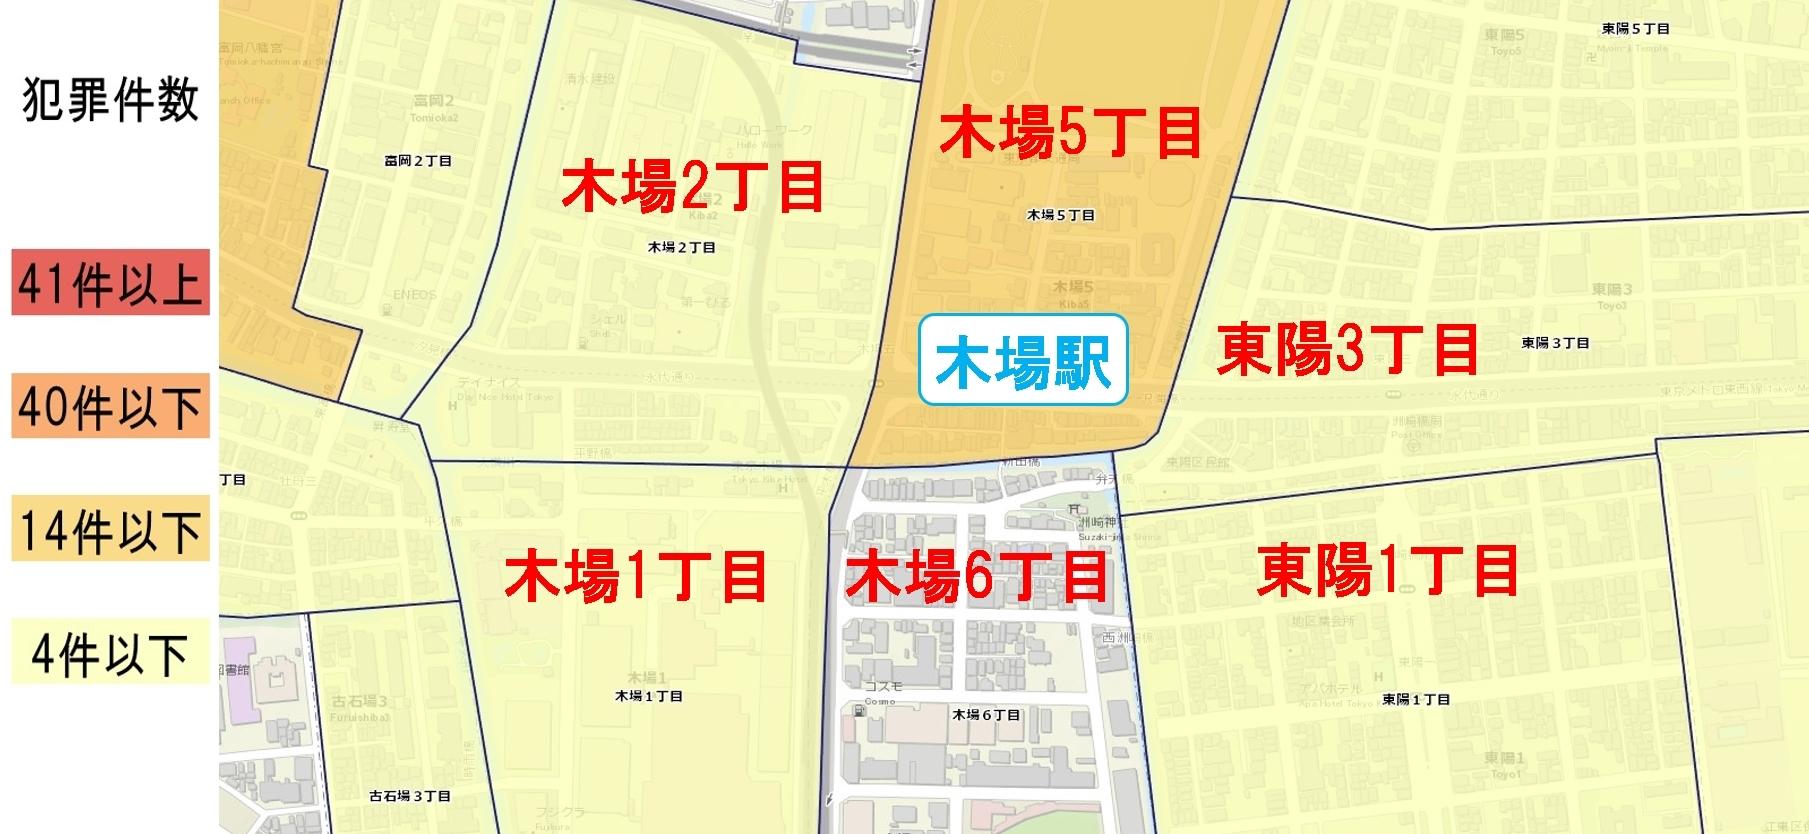 木場駅周辺の粗暴犯の犯罪件数マップ